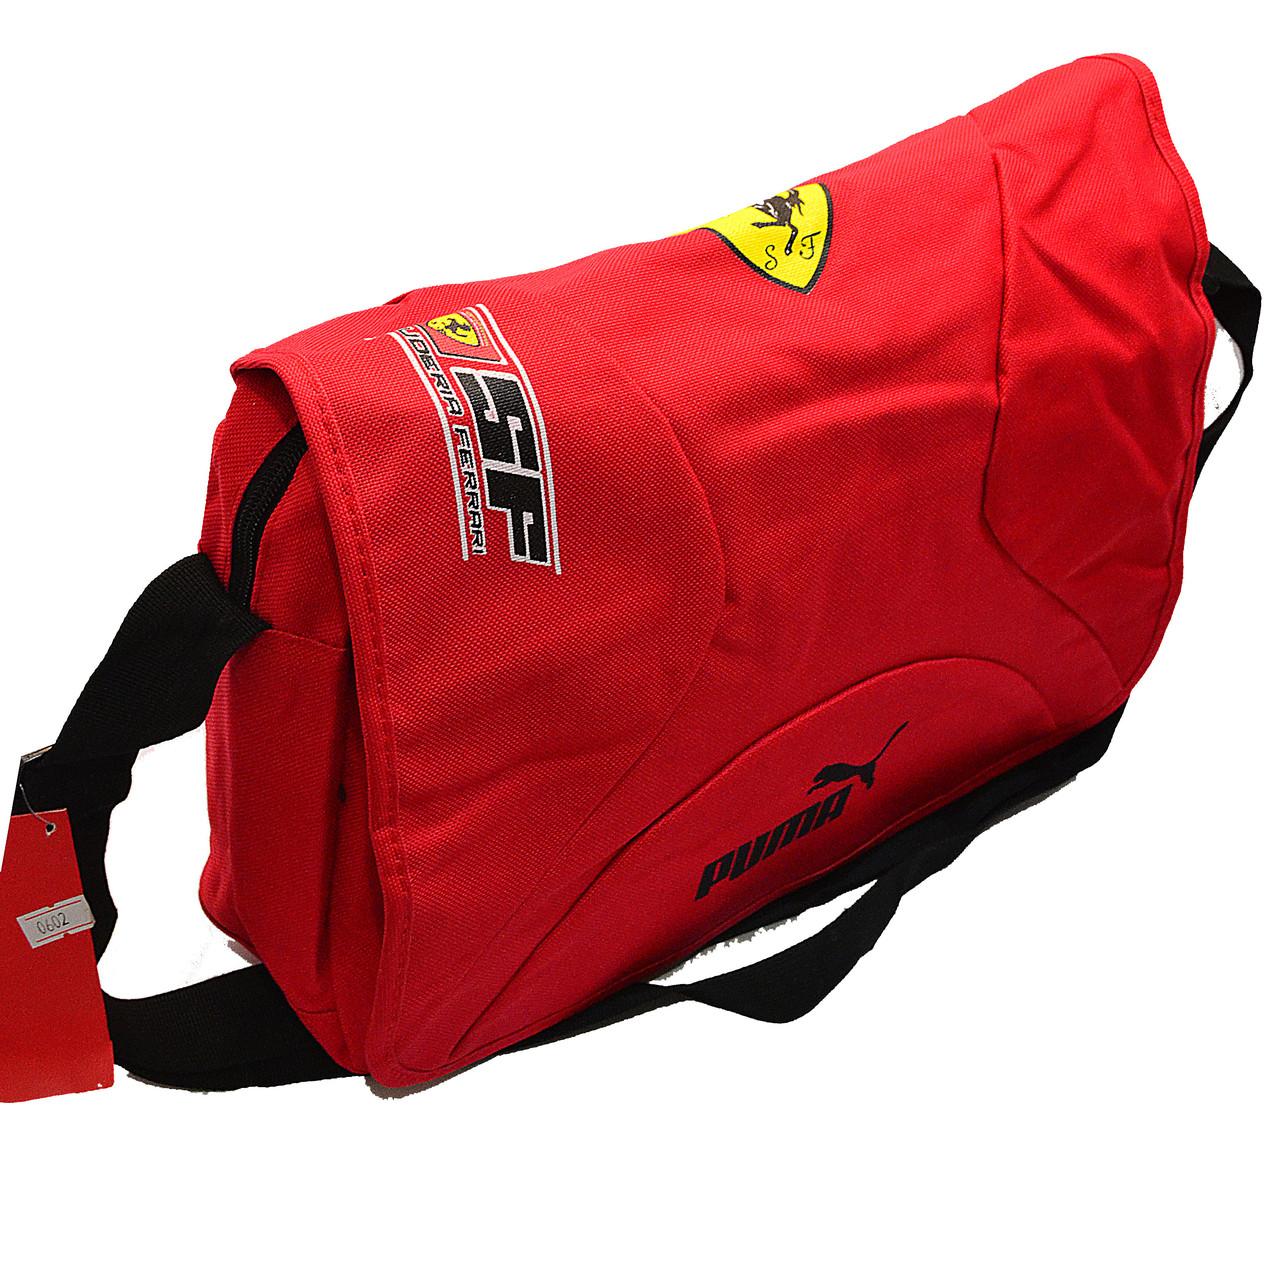 12caeb0c8293 Сумка через плечо Puma Ferrari 0602 red купить оптом по низкой цене - Од  Маркет самые